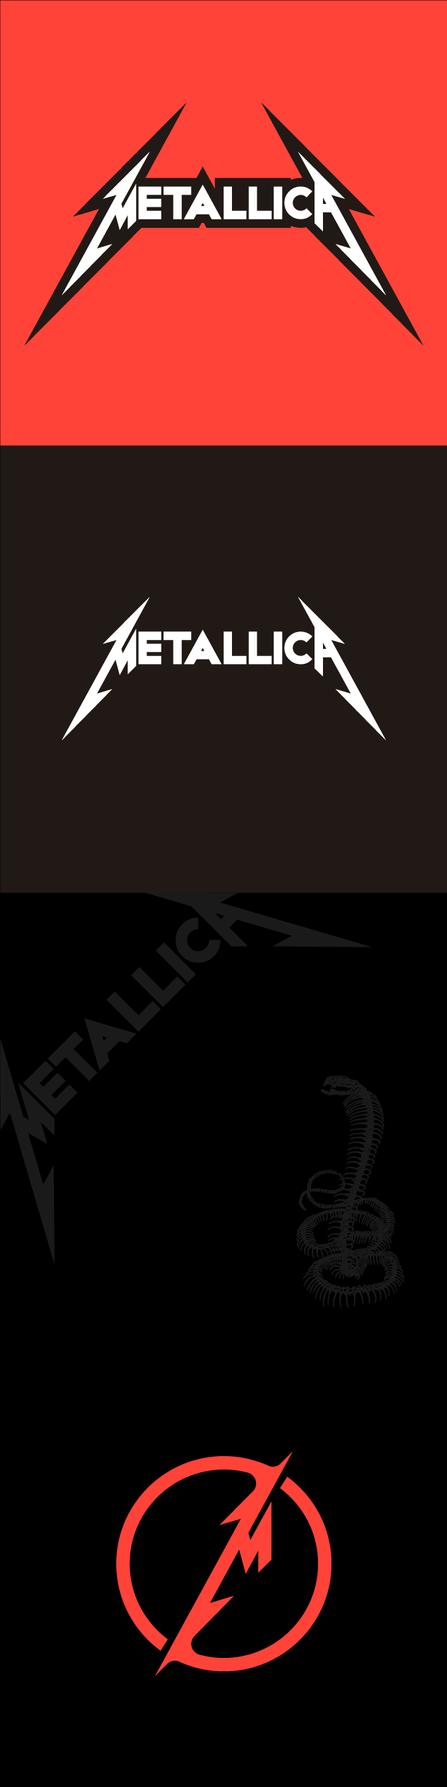 Metallica by FernandoLucas